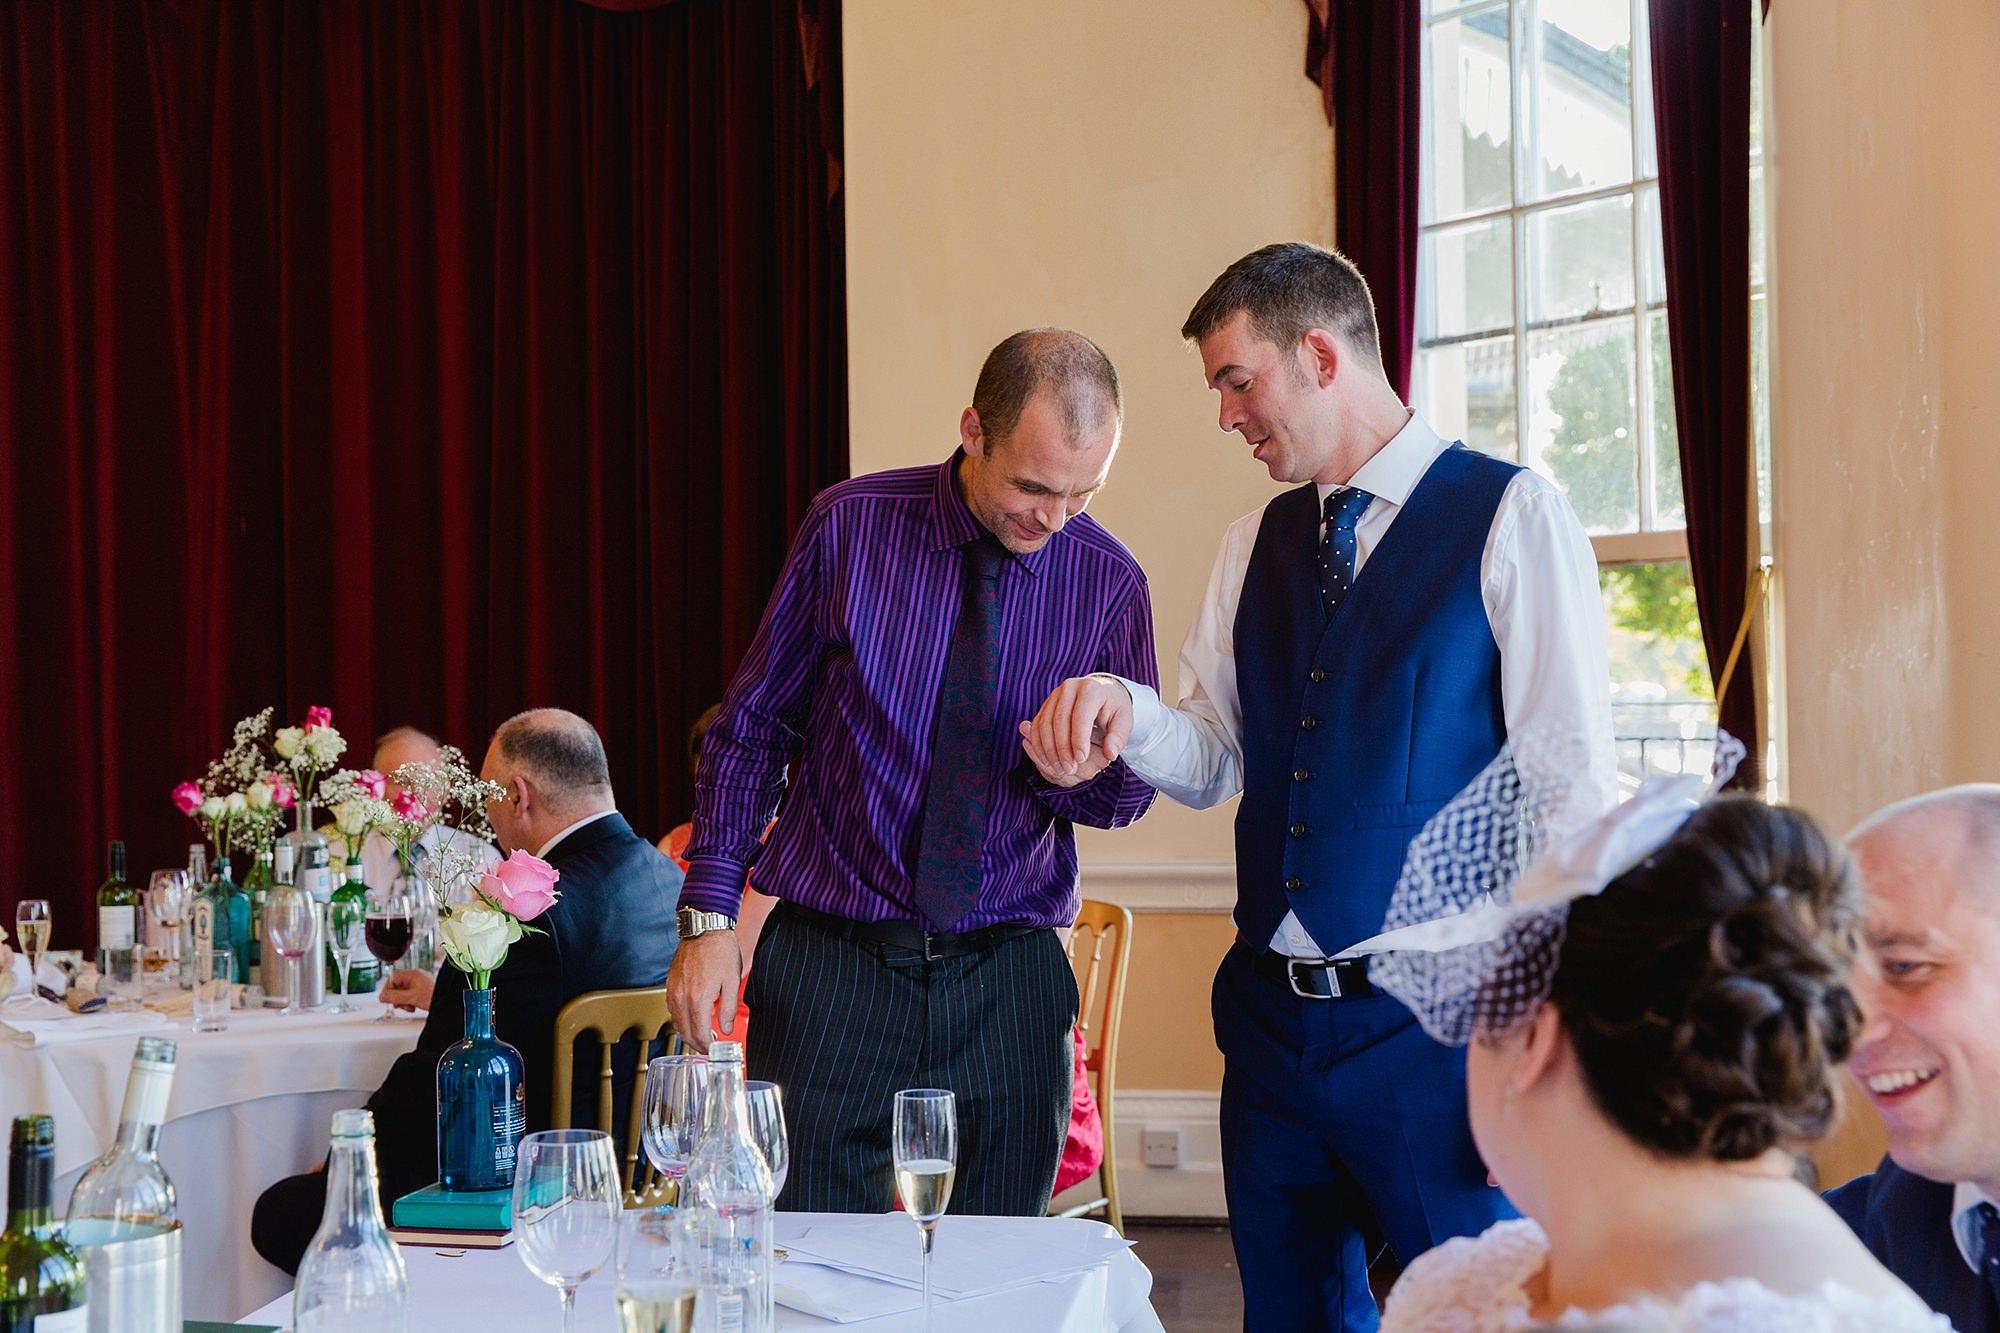 Trafalgar Tavern wedding groom showing off his wedding ring